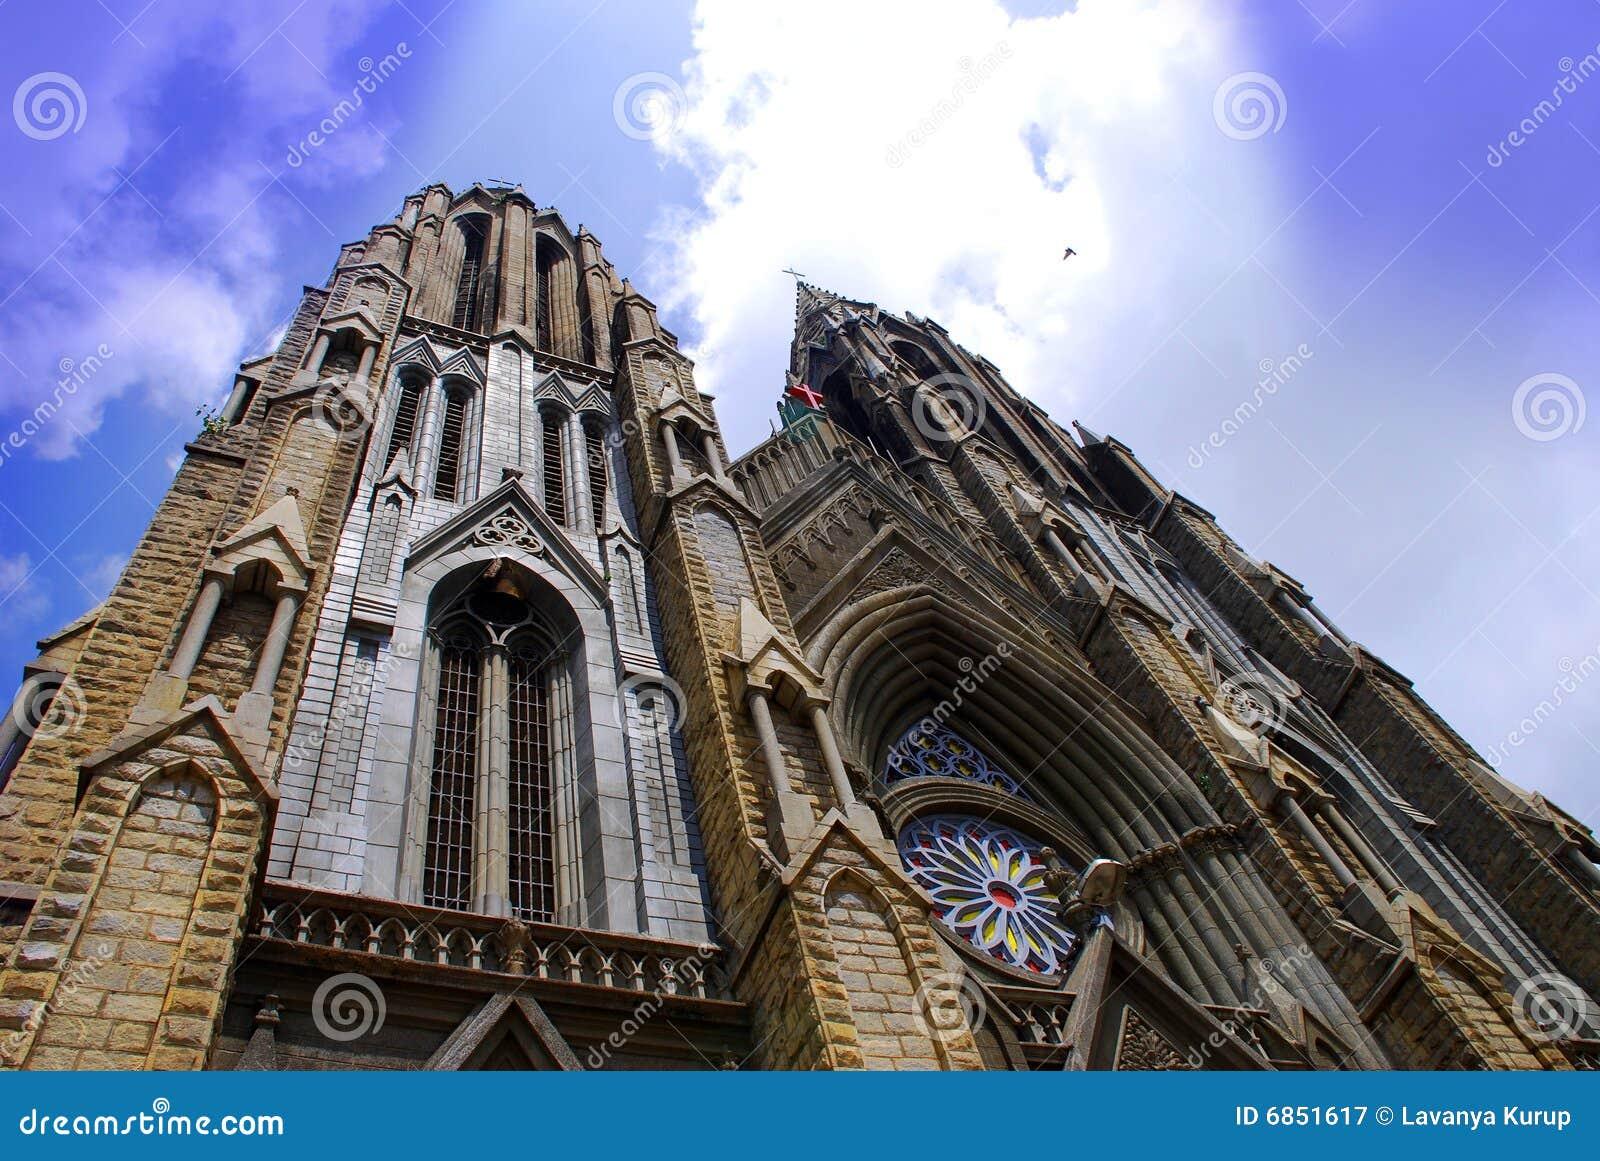 шпили церков